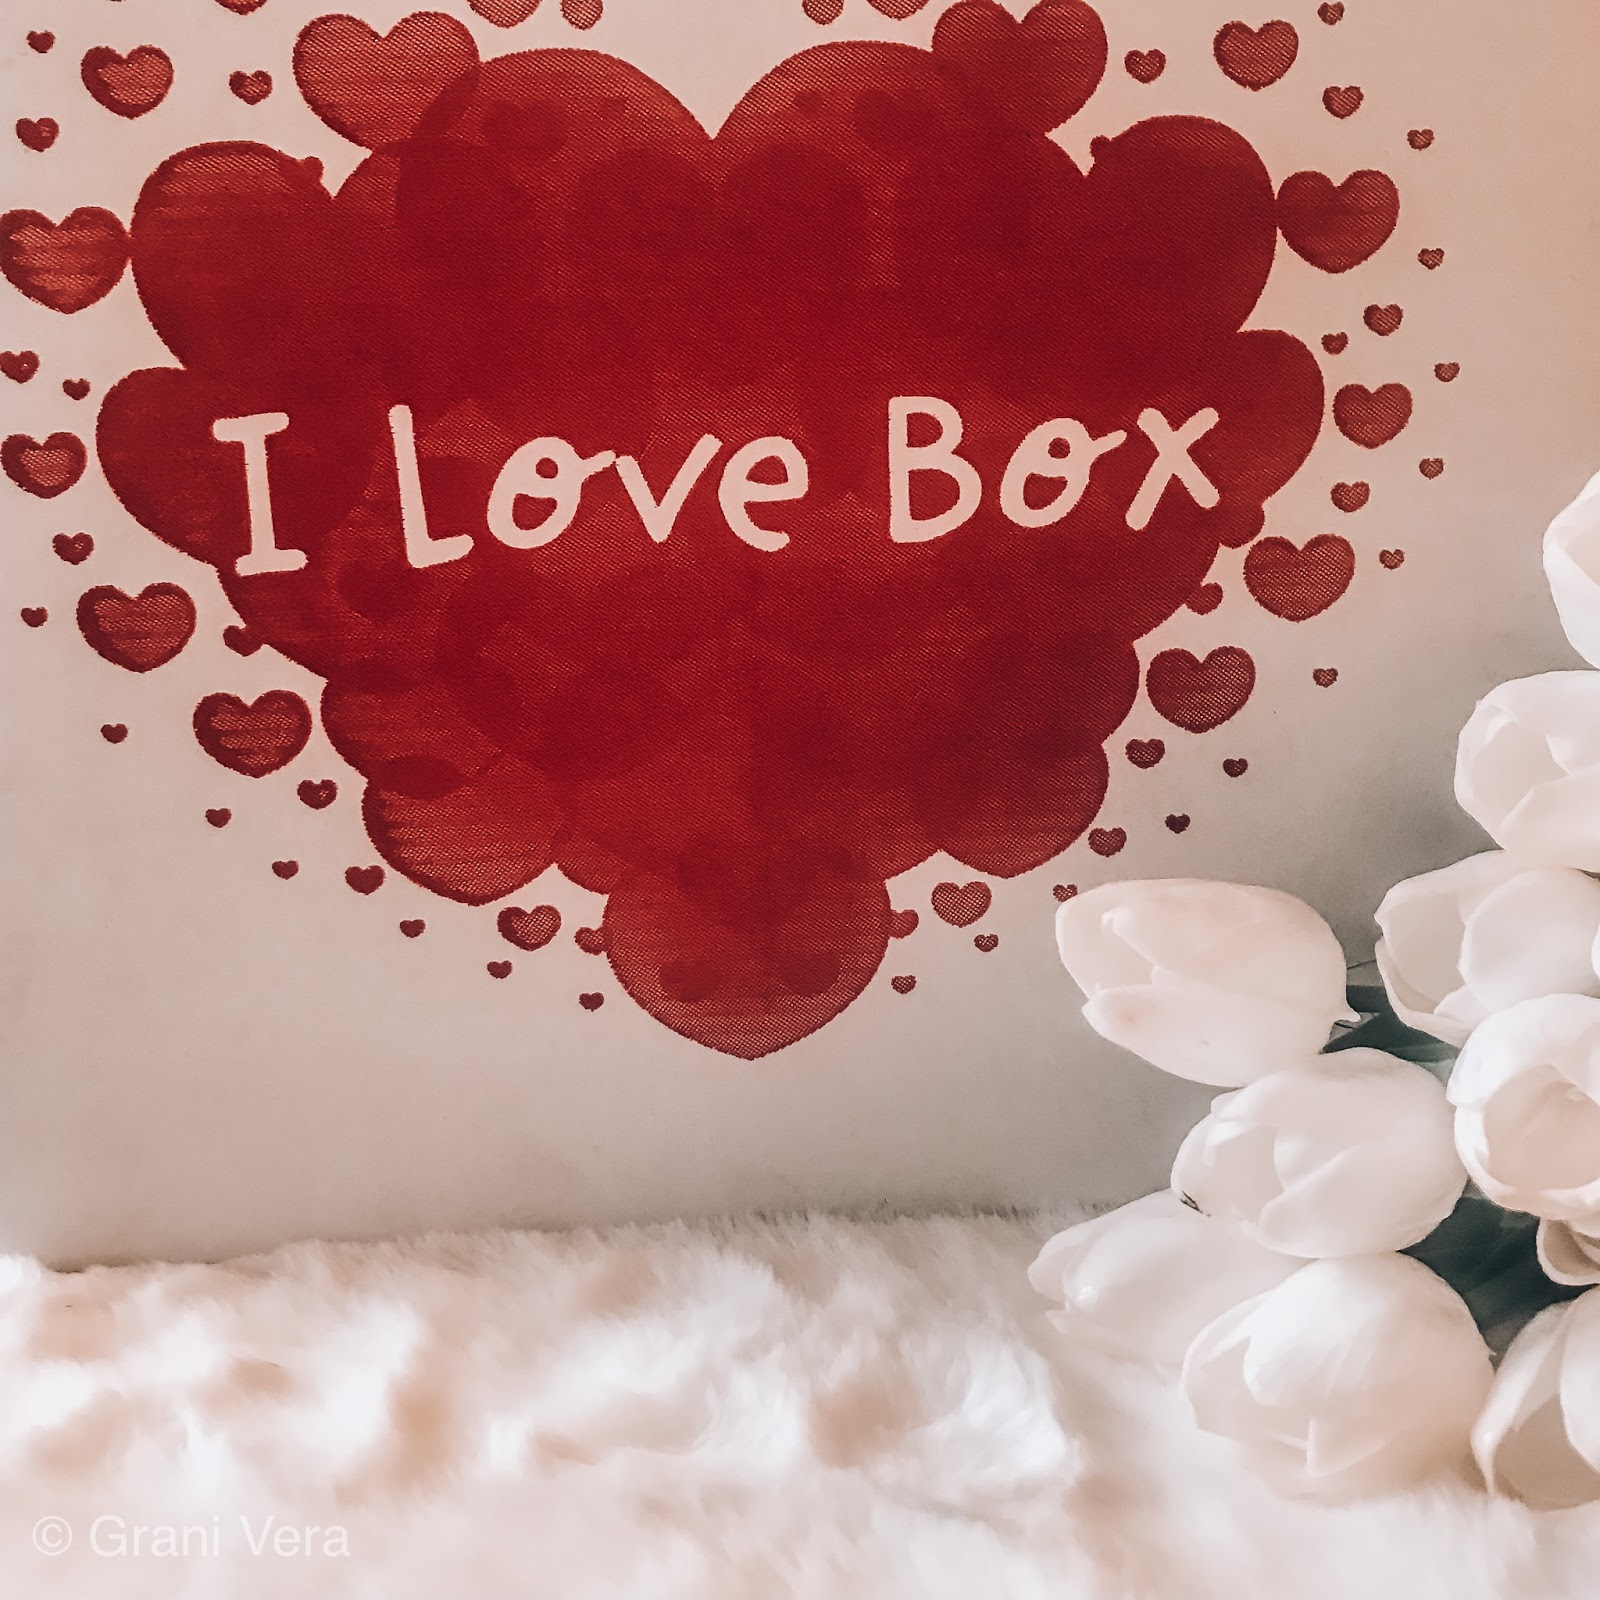 Zawartość I LOVE BOX MARZEC 2019